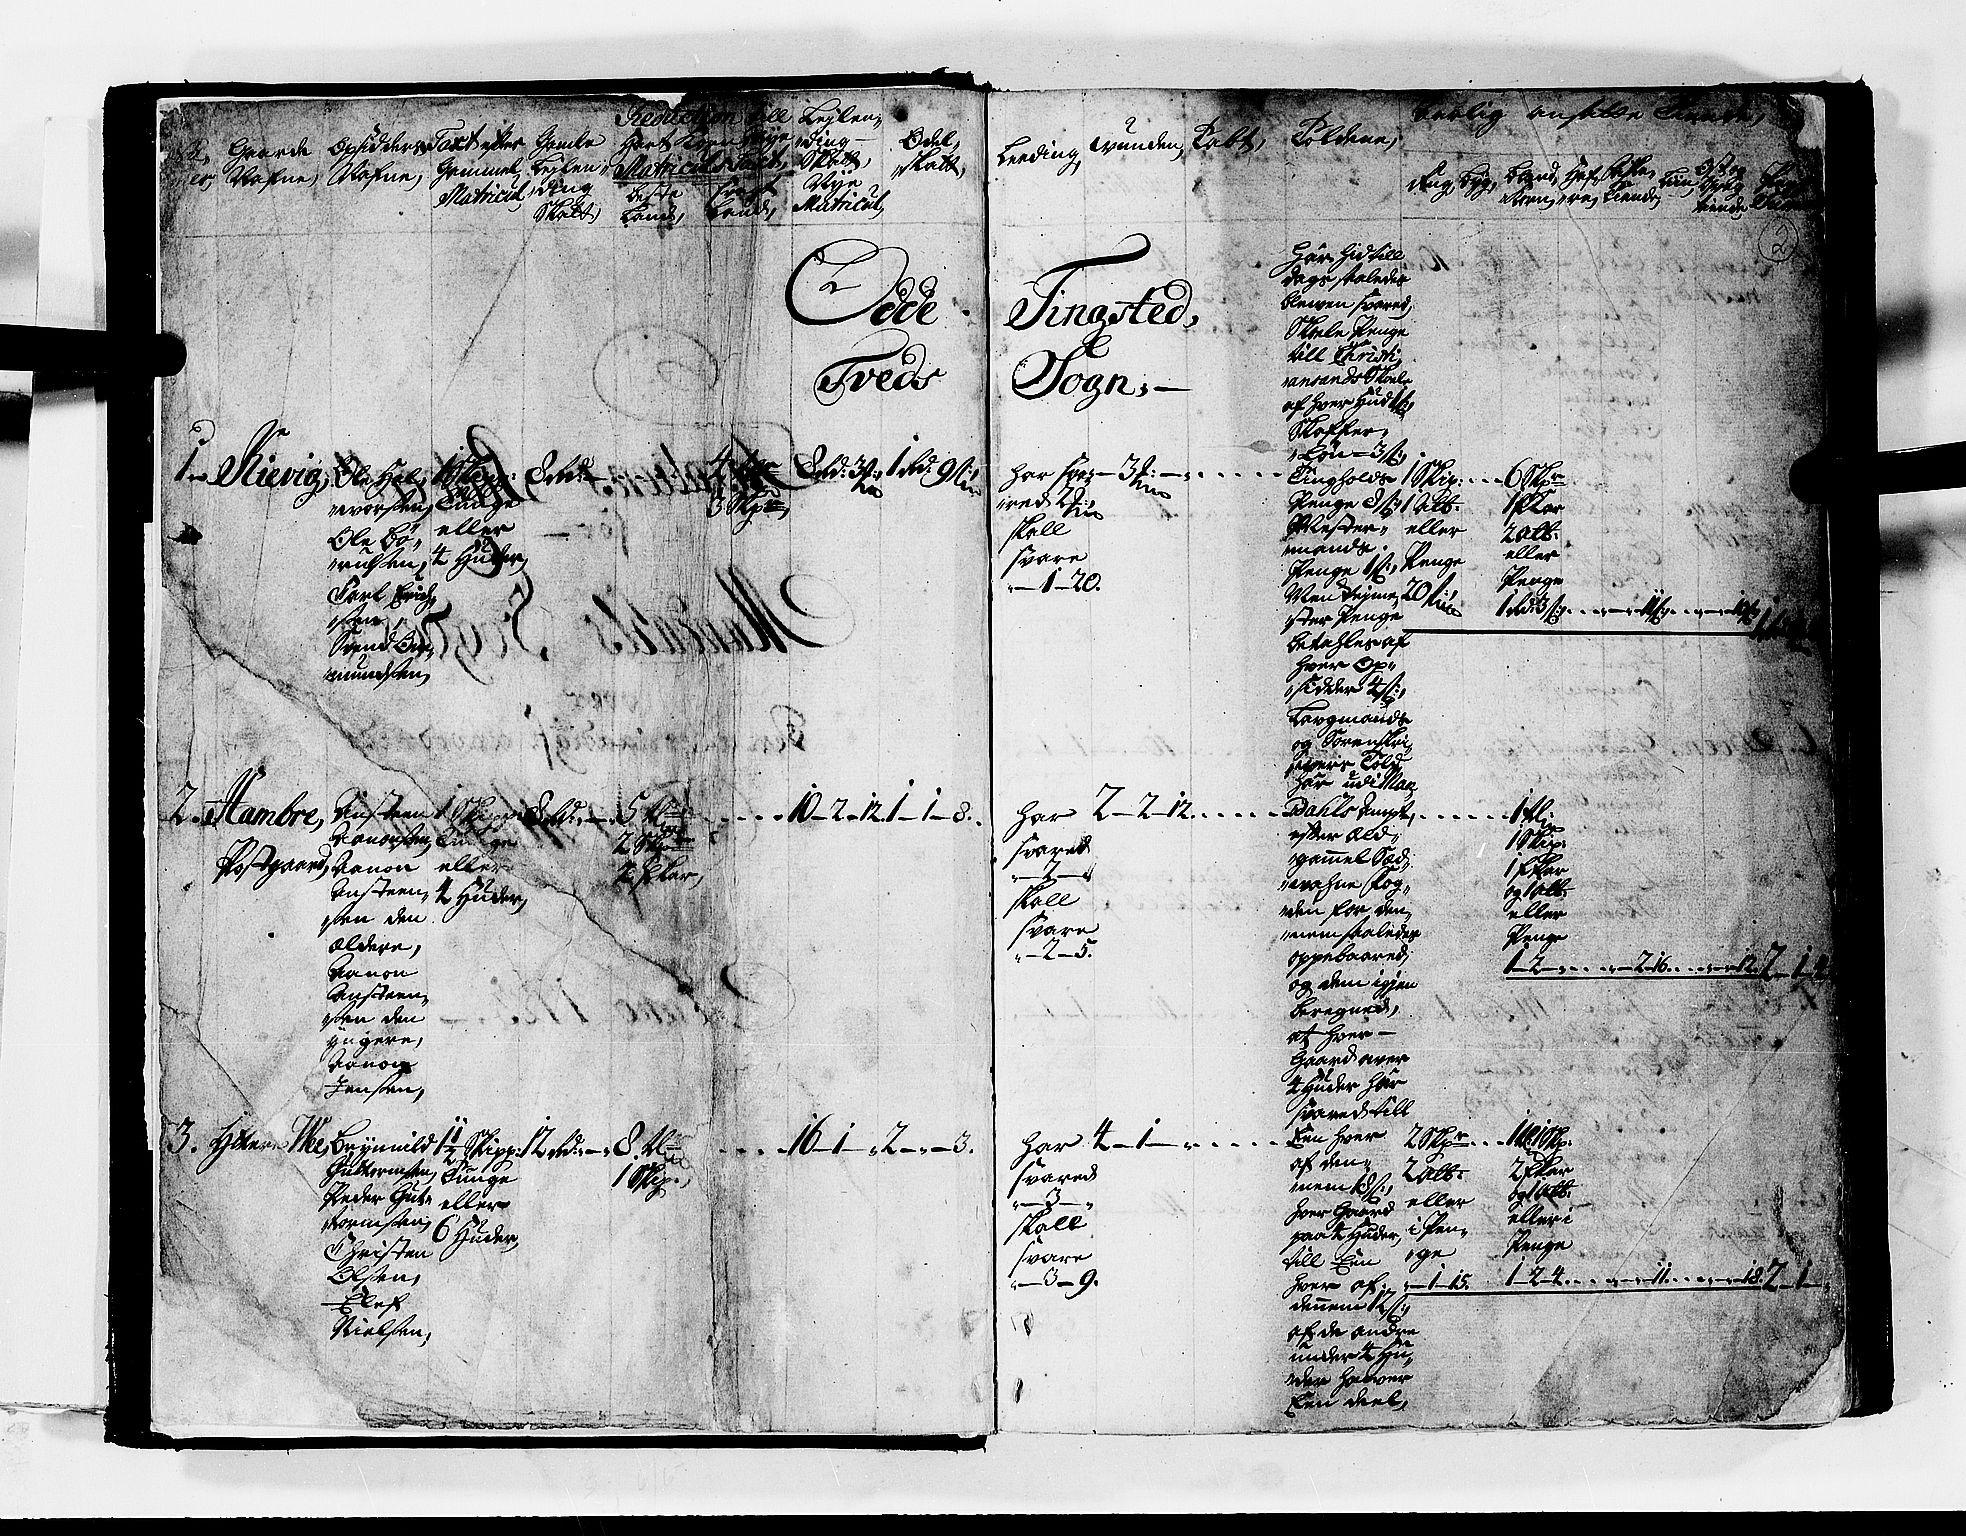 RA, Rentekammeret inntil 1814, Realistisk ordnet avdeling, N/Nb/Nbf/L0128: Mandal matrikkelprotokoll, 1723, s. 1b-2a